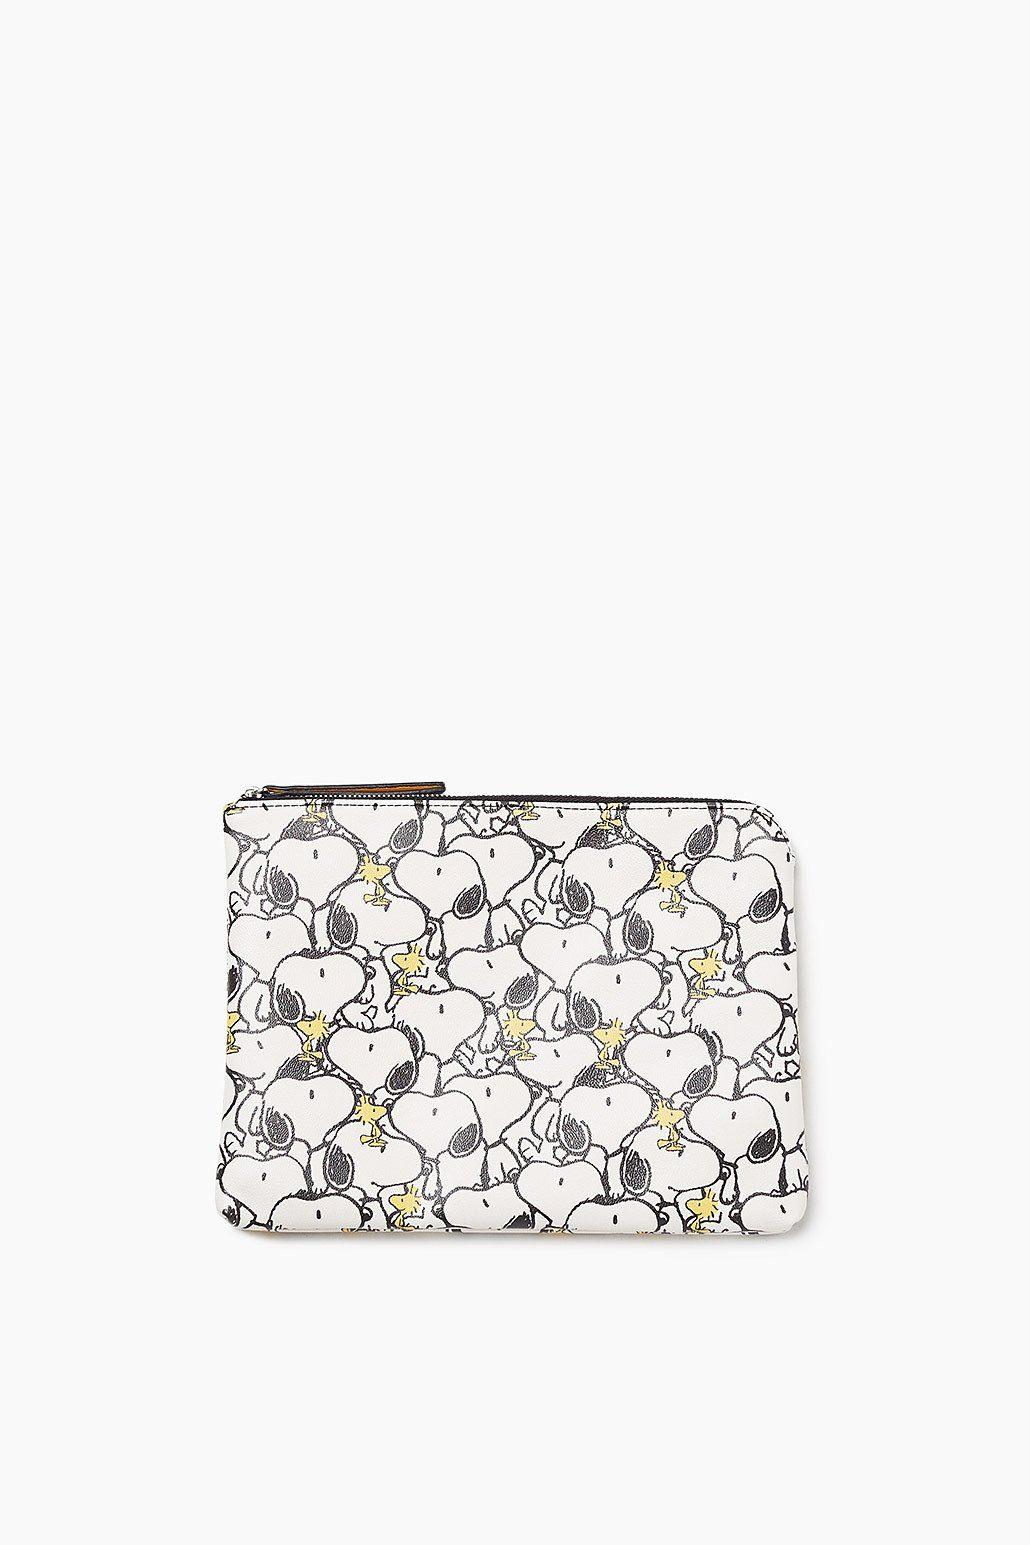 ESPRIT CASUAL Zipper-Clutch mit Snoopy-Print